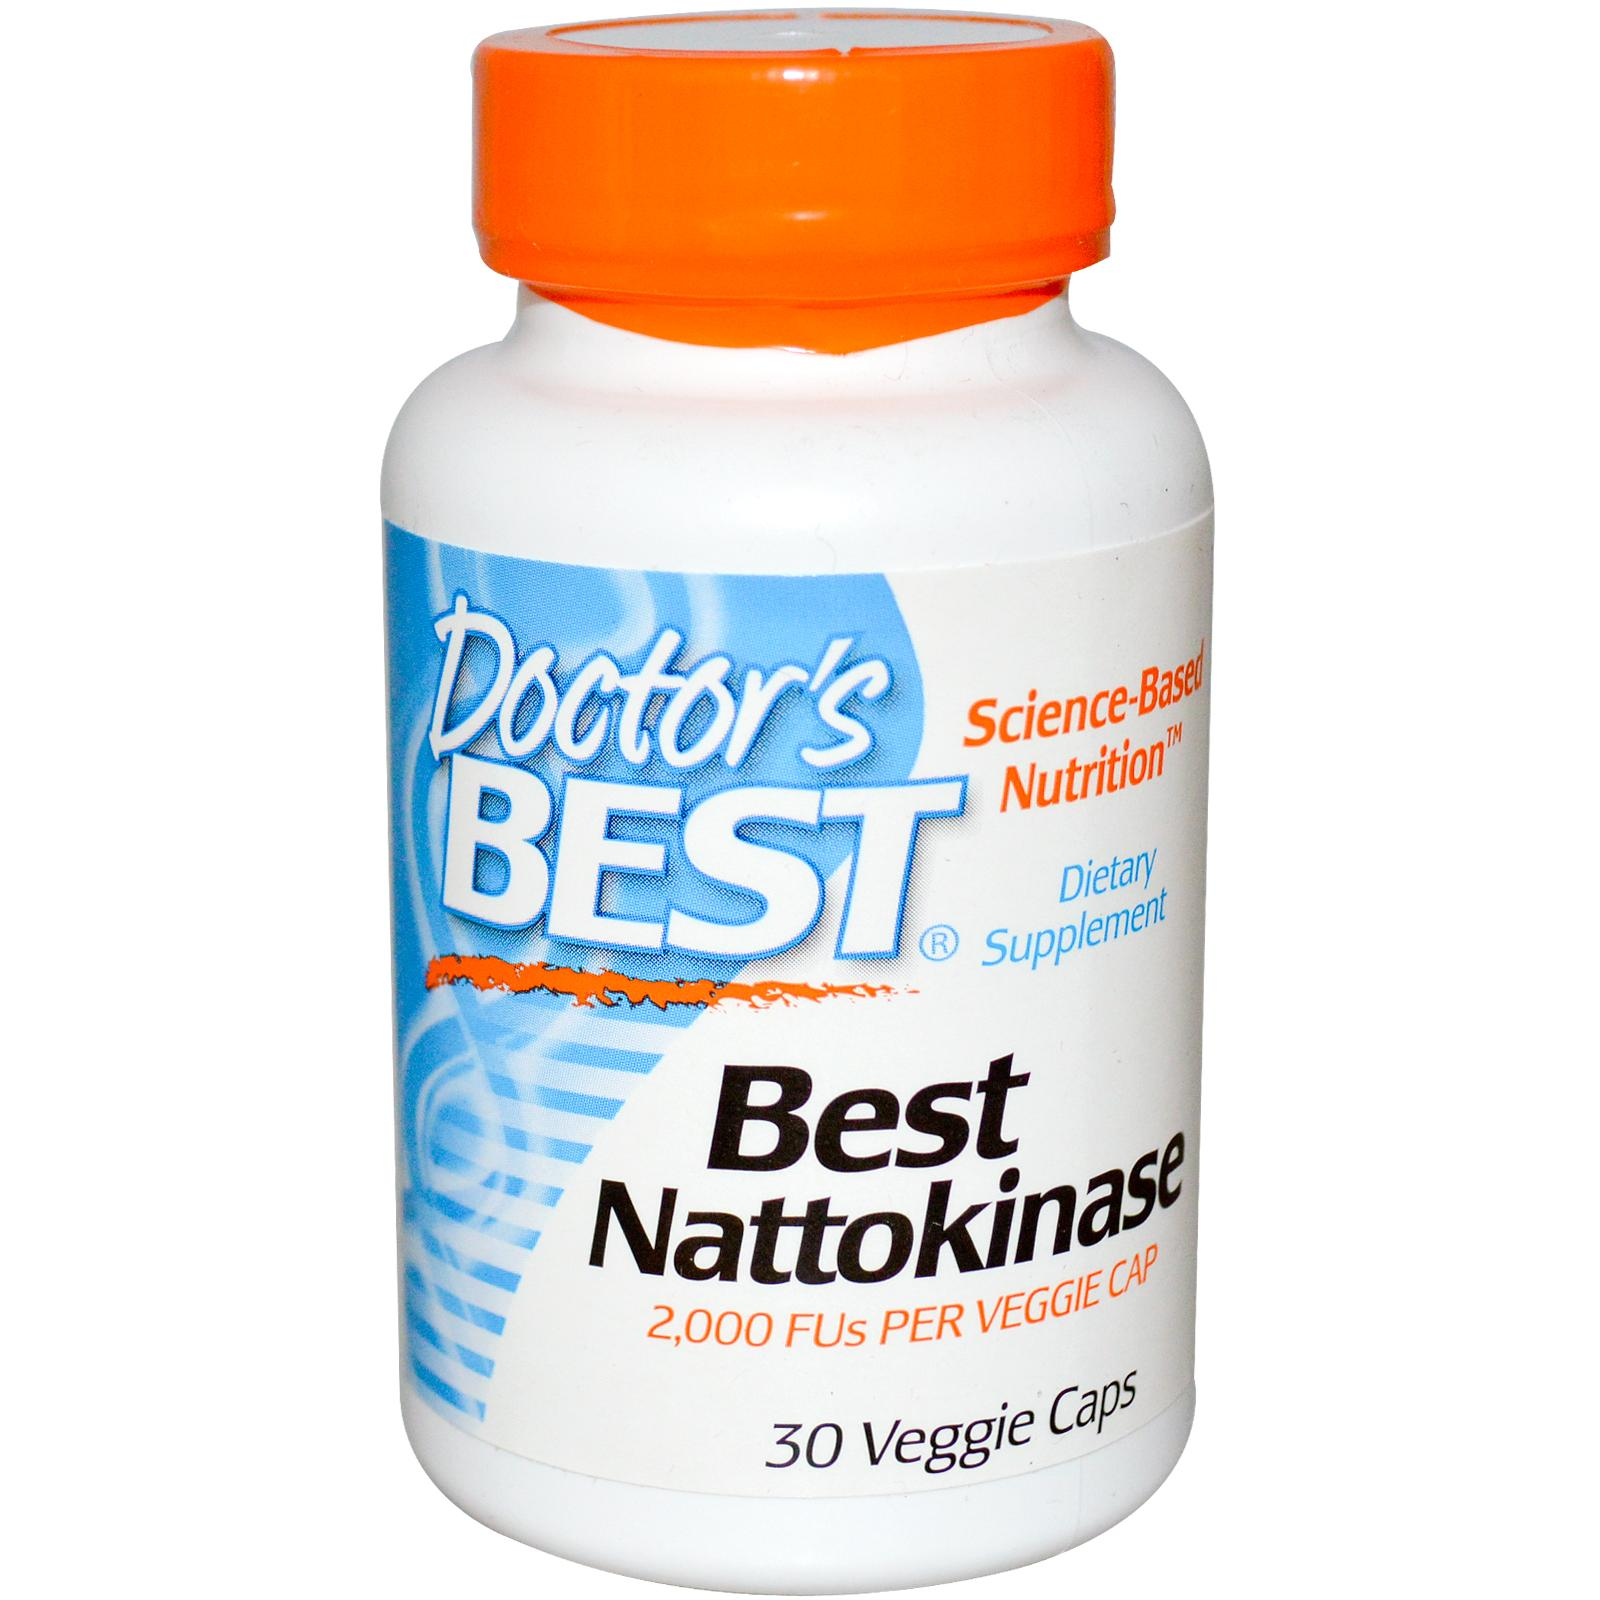 Doctors Best Best Nattokinase – Viên uống Bổ Tim Mạch Và Ngăn Ngừa Đột Qụy, 30 viên